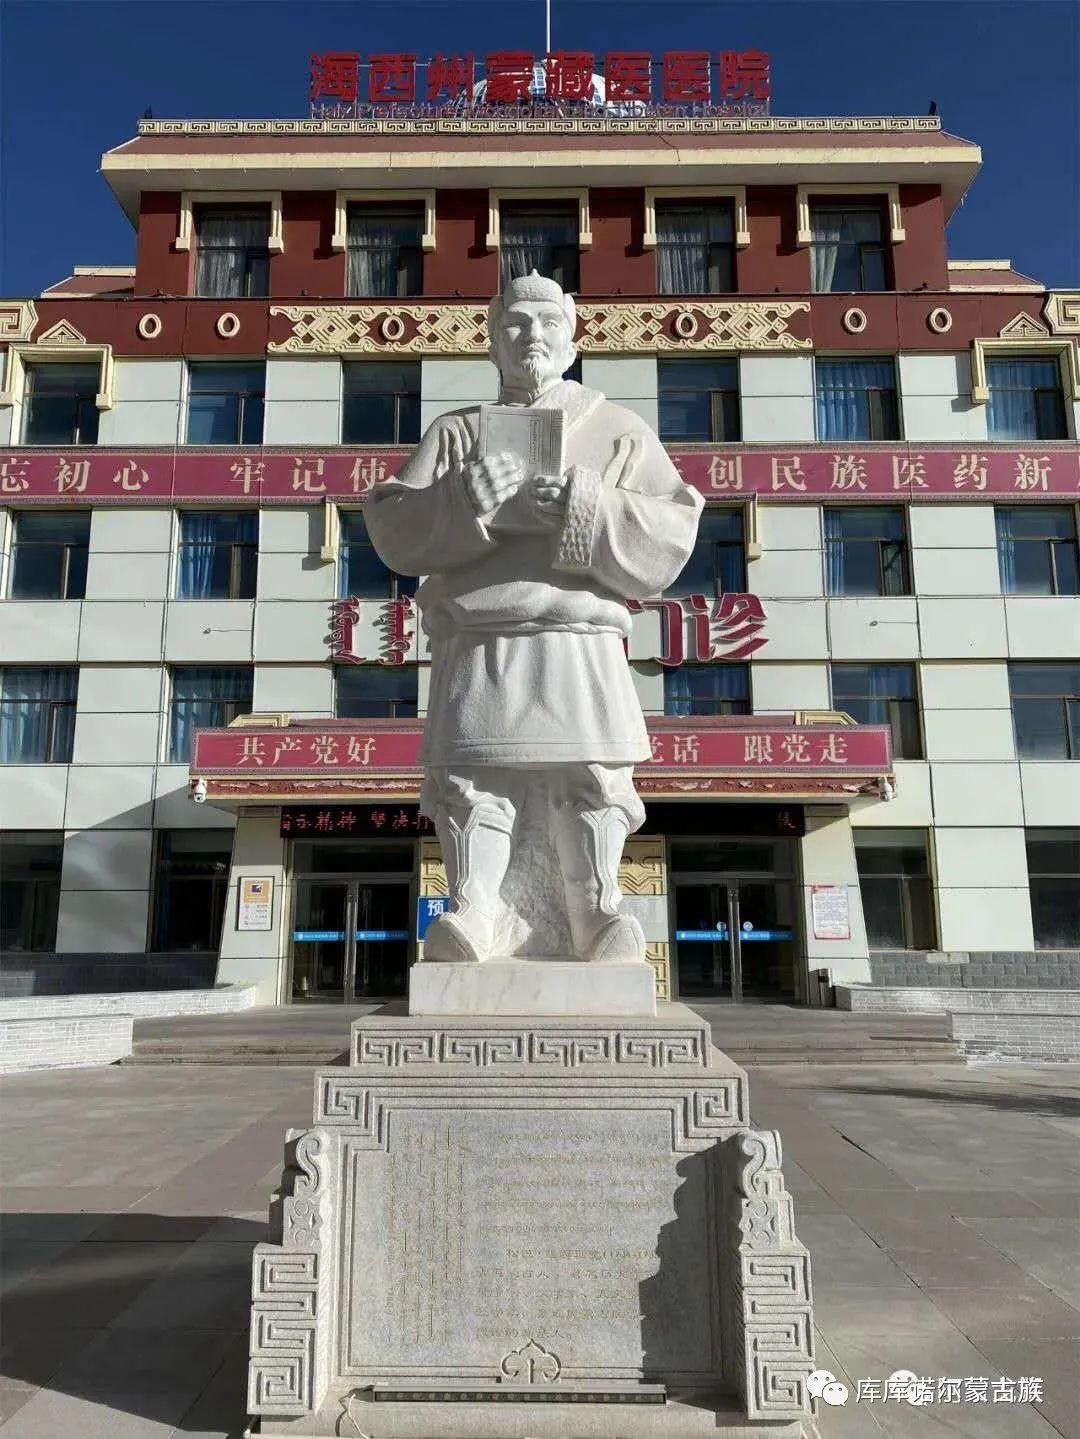 青海蒙医药事业发展历程略谈 第10张 青海蒙医药事业发展历程略谈 蒙古文化